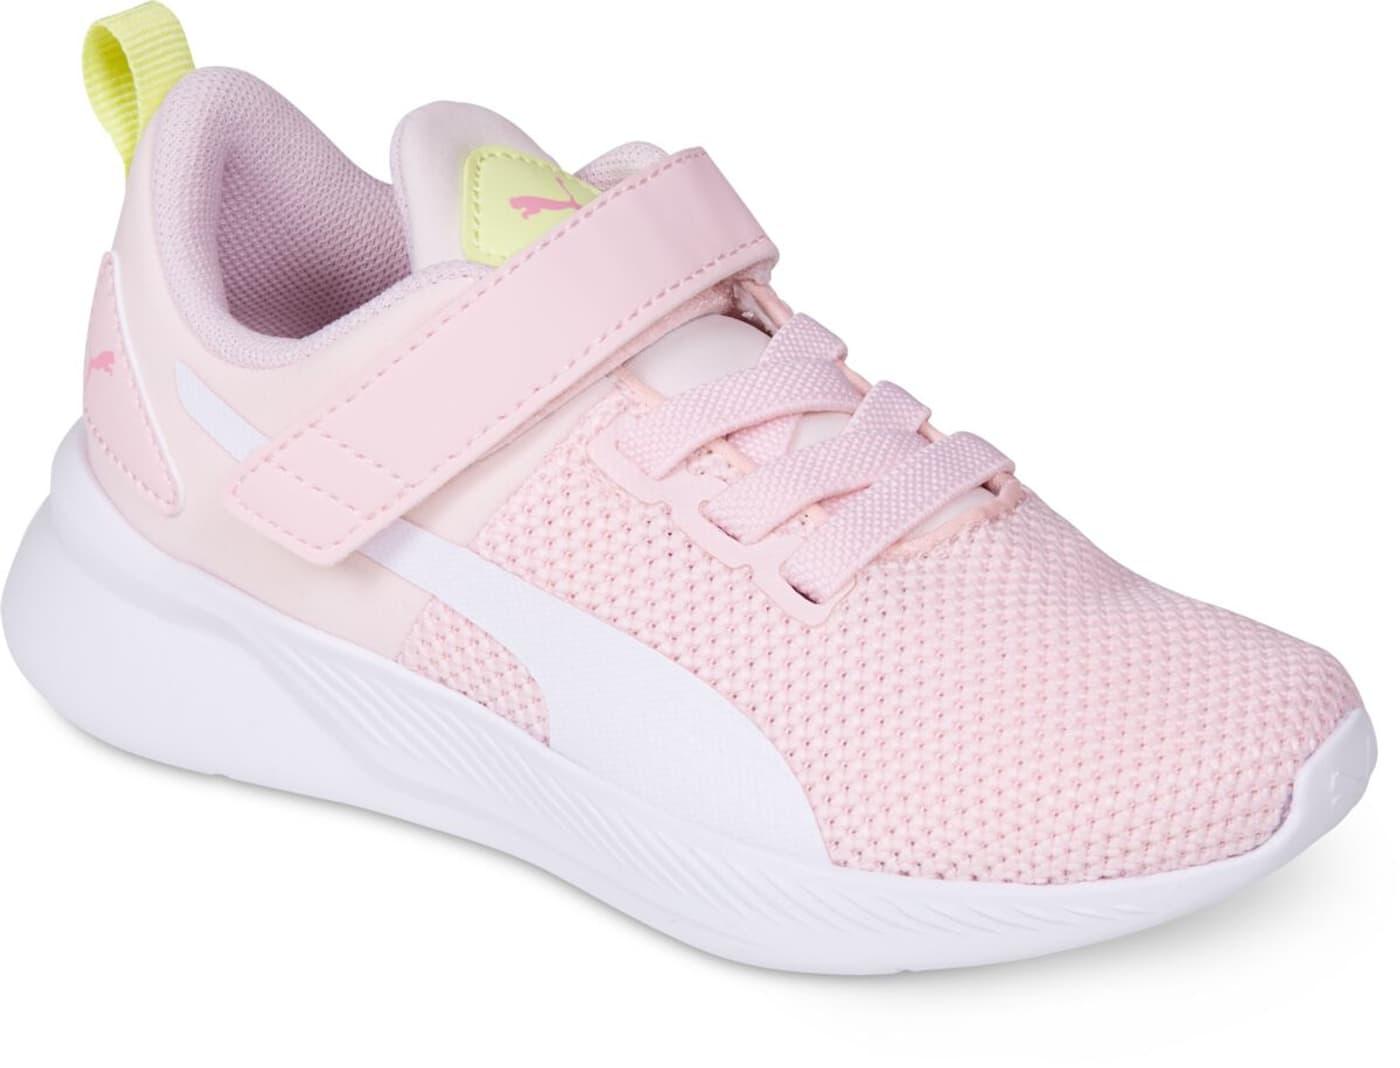 chaussure puma pour enfant